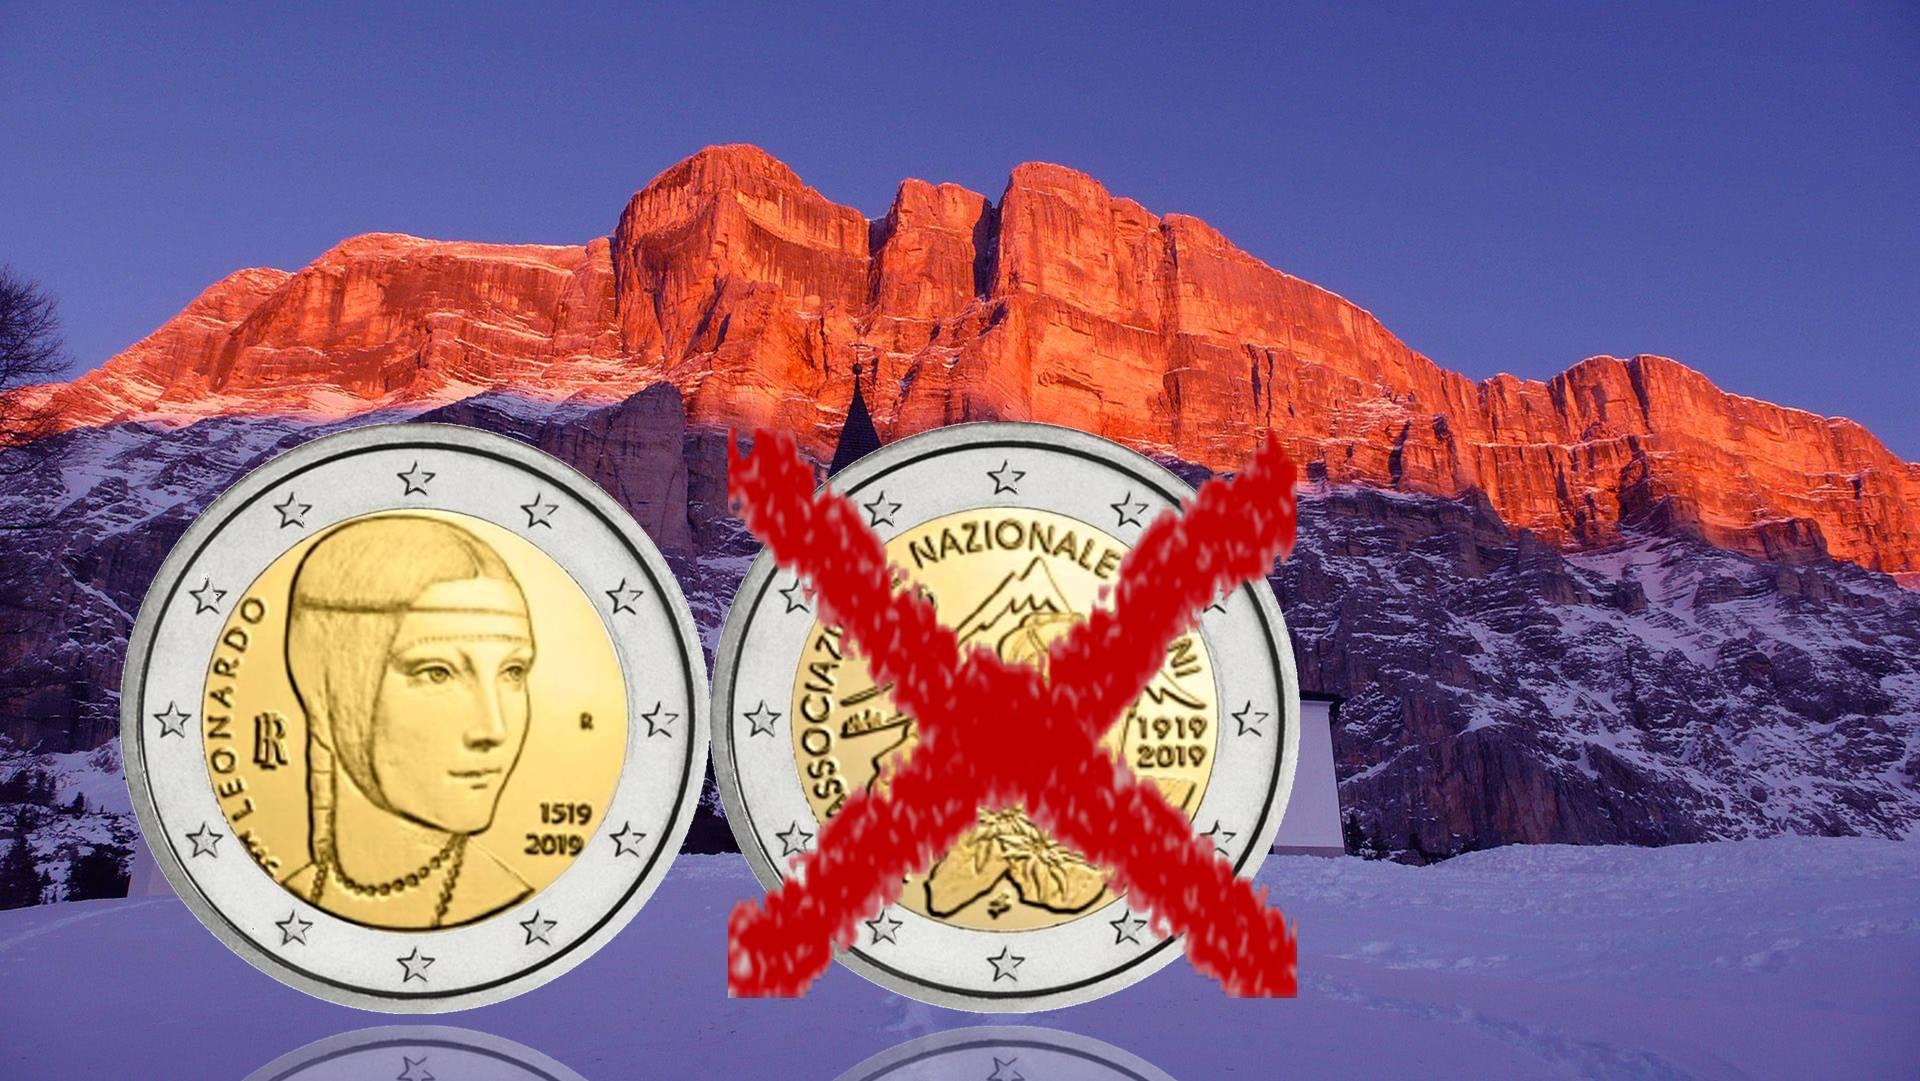 Calendario Prossime Adunate Alpini.2 Euro D Italia 2019 Con Leonardo Da Vinci Sotto I